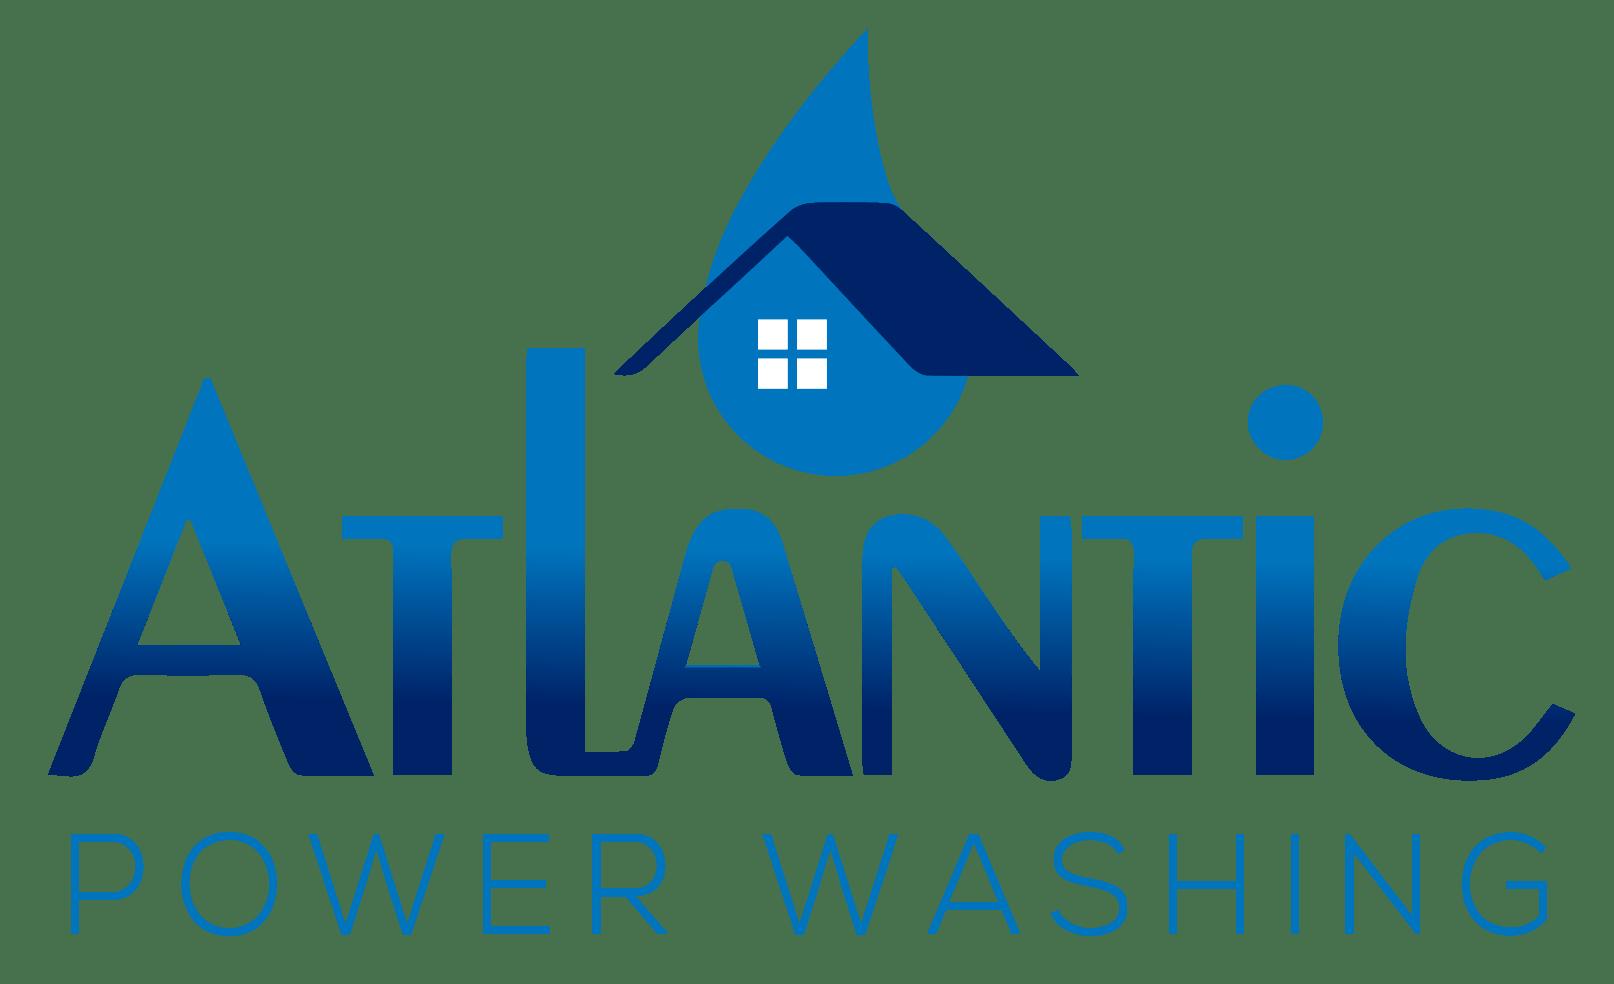 Atlantic Power Washing